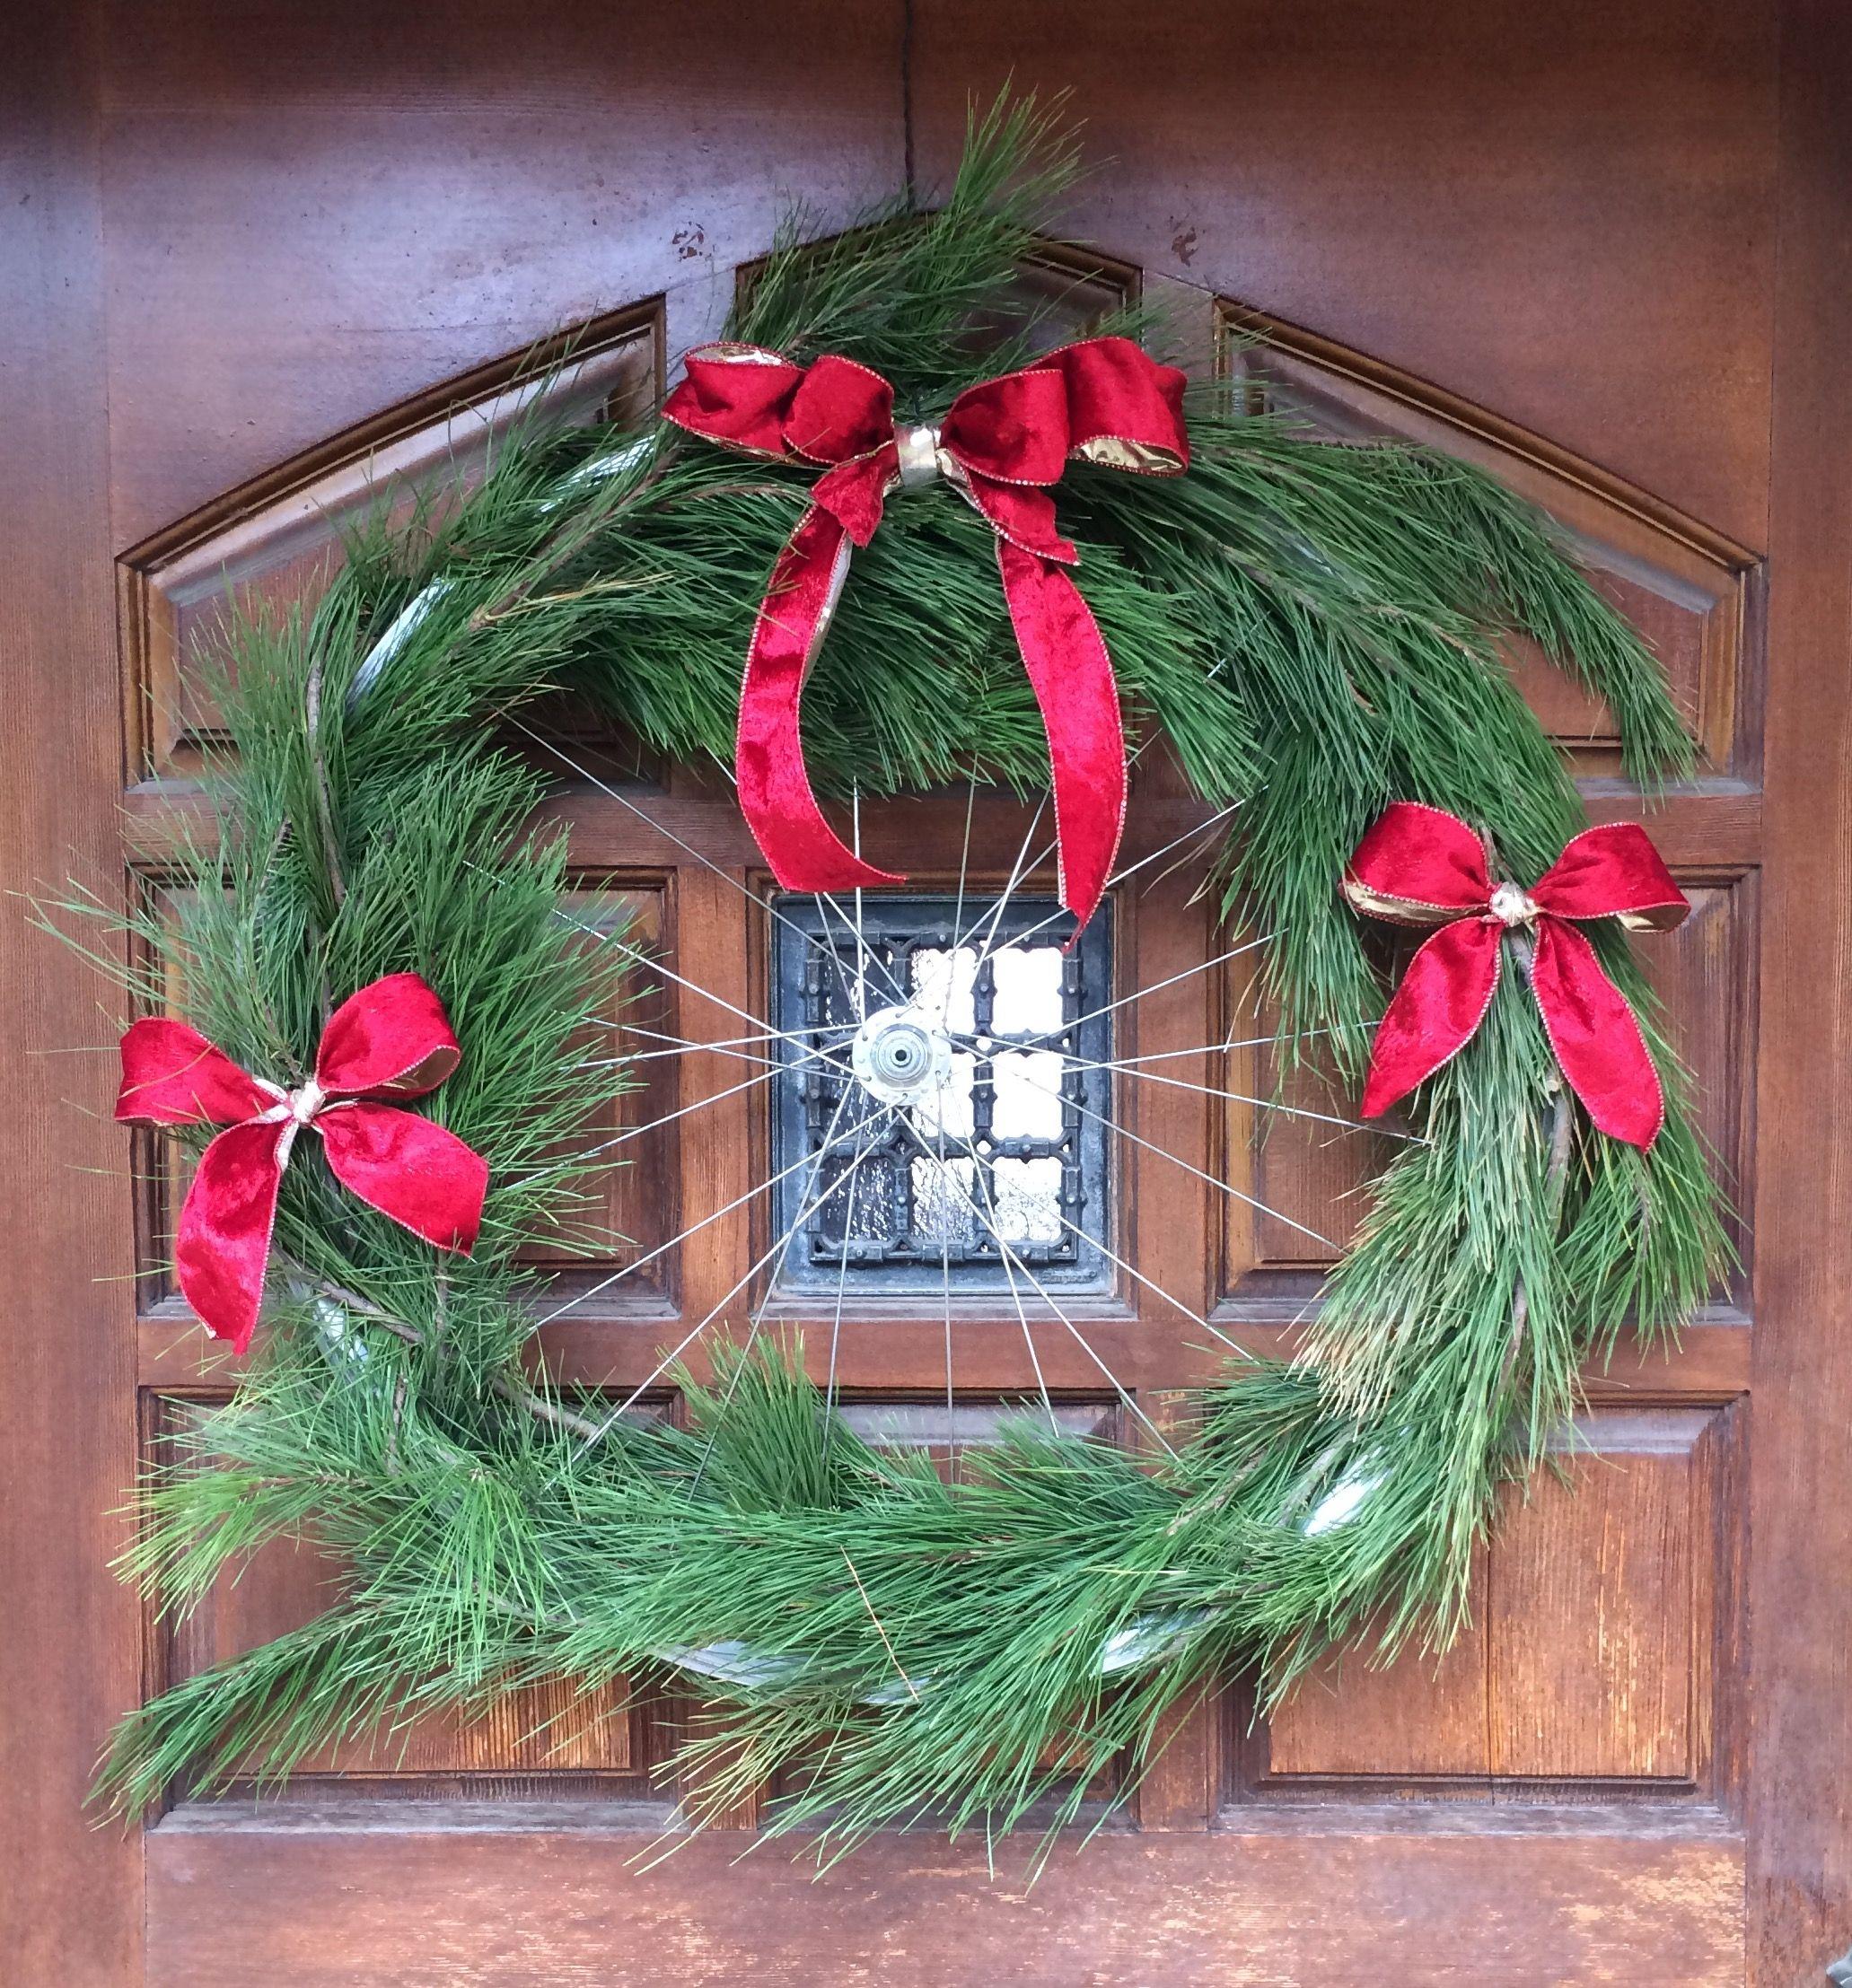 Bicycle Wheel Christmas Wreath